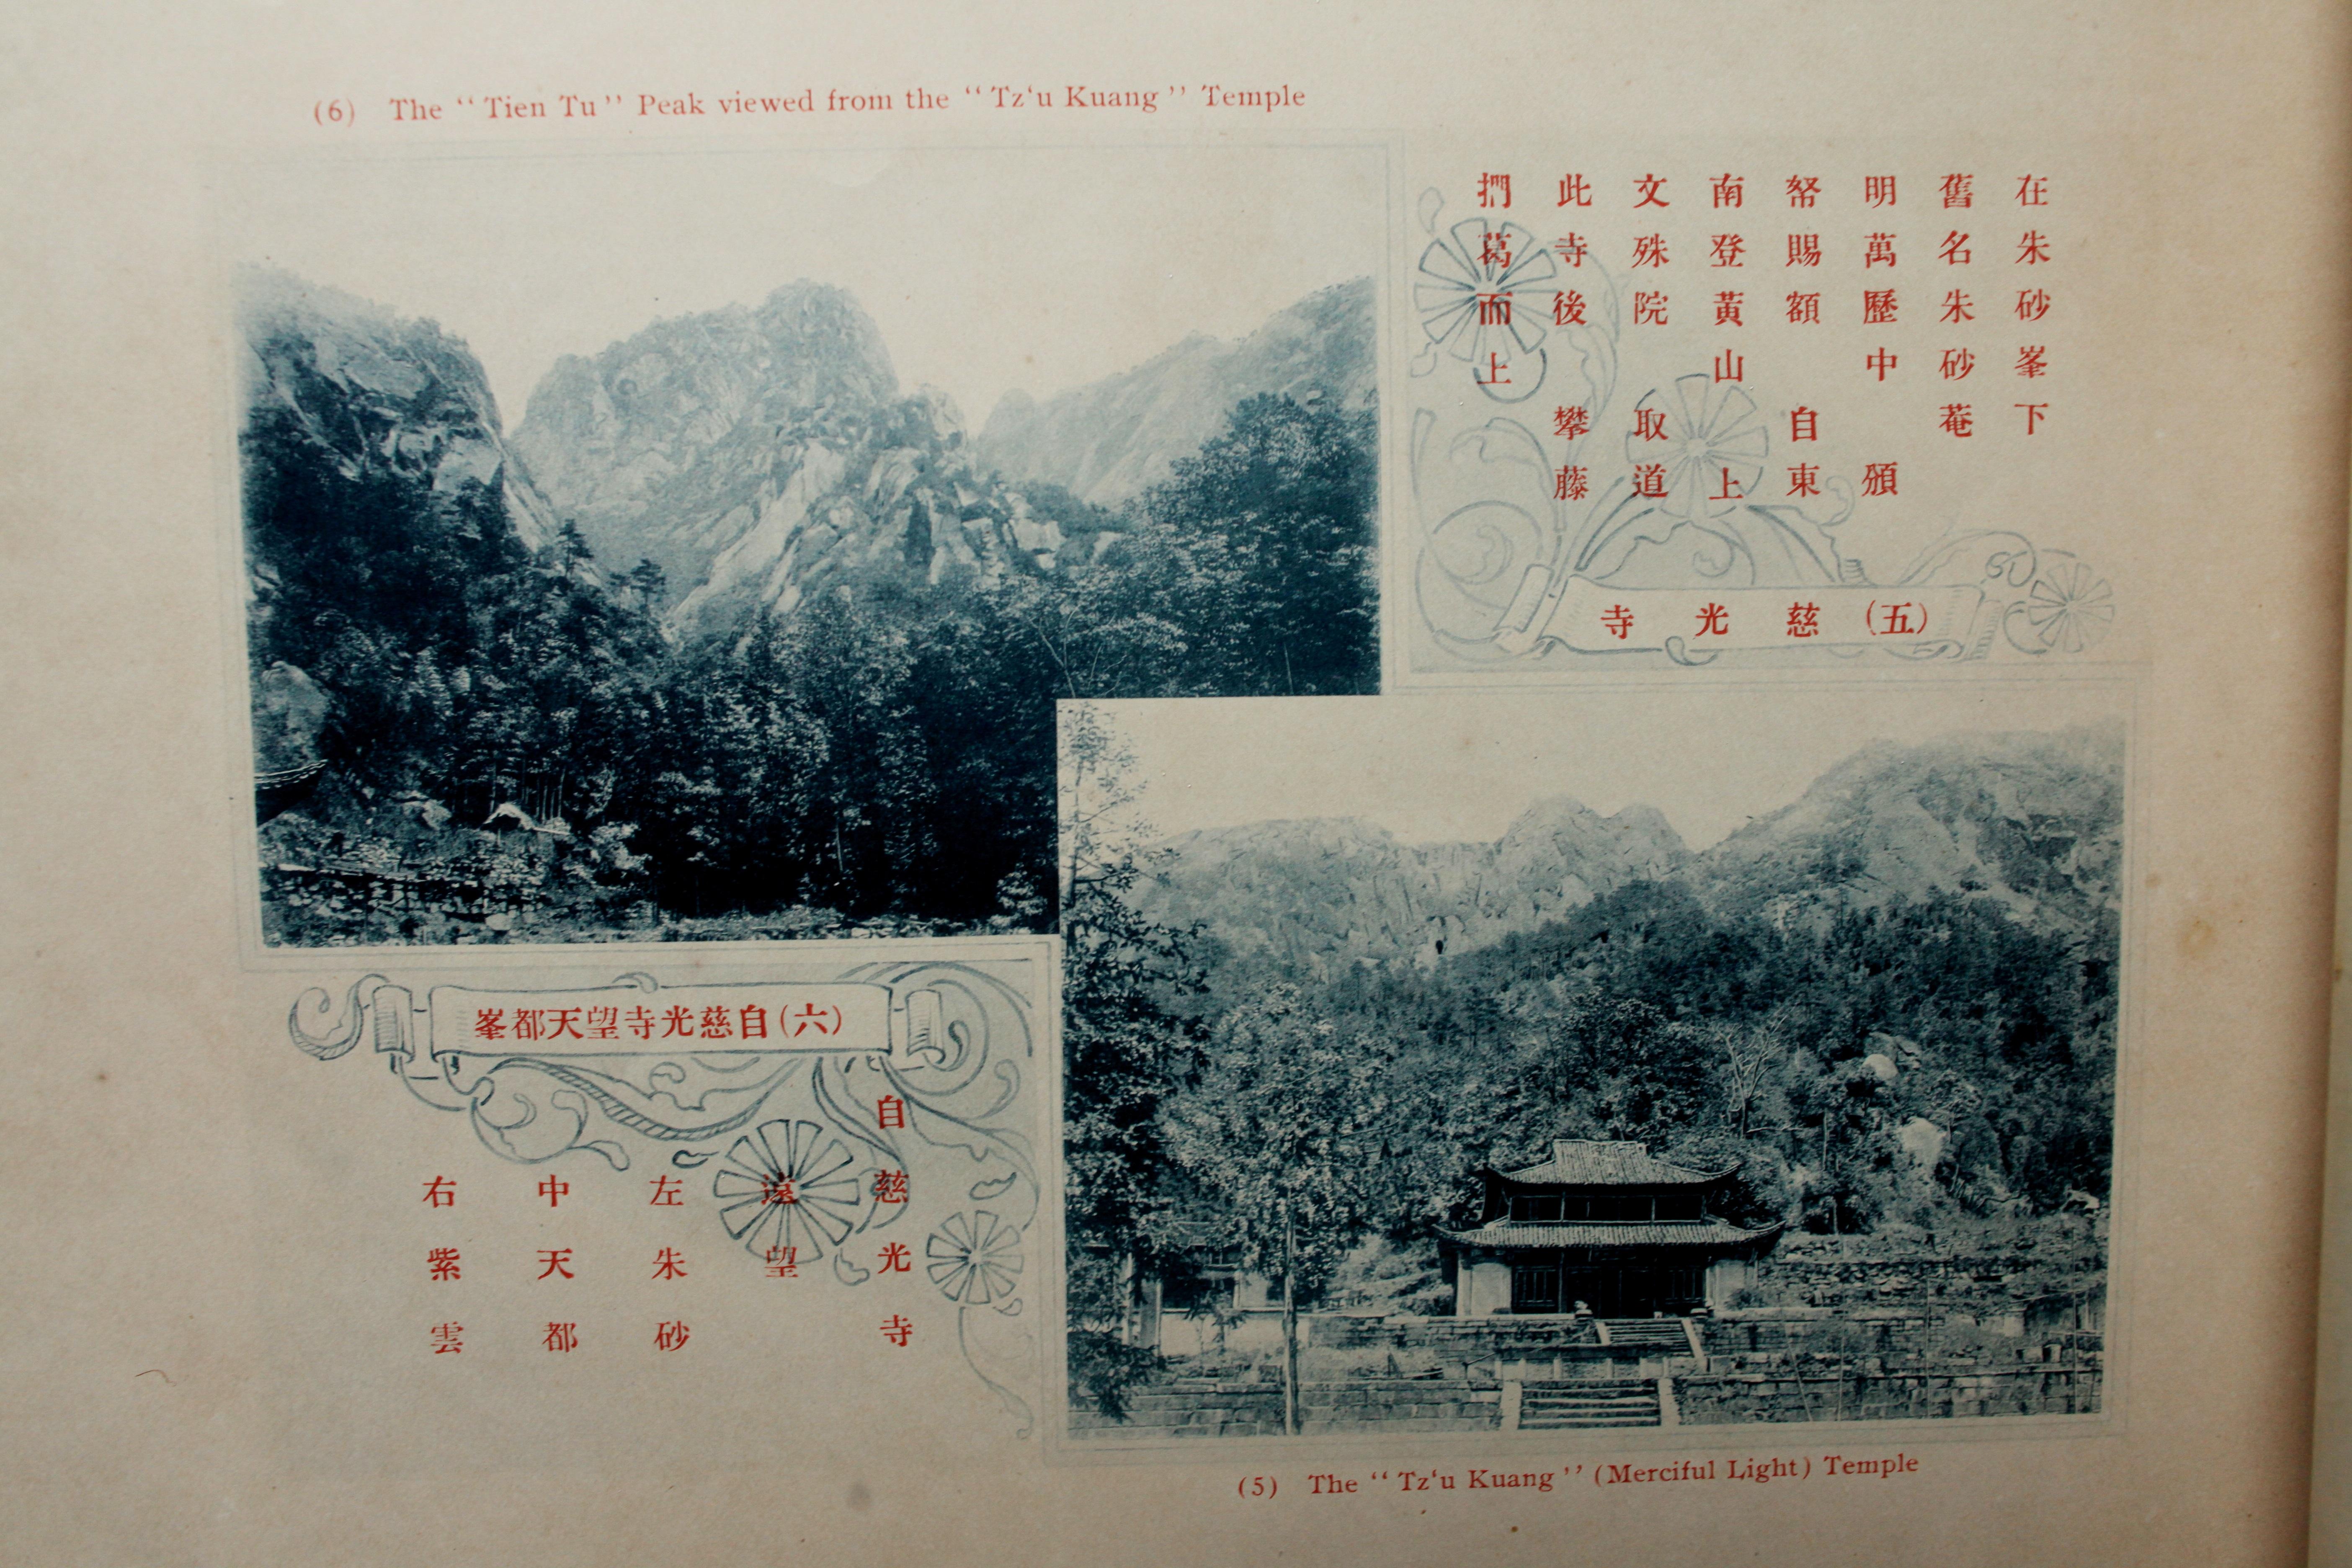 史上最早的黄山老照片,1914年黄炎培黄山行摄记